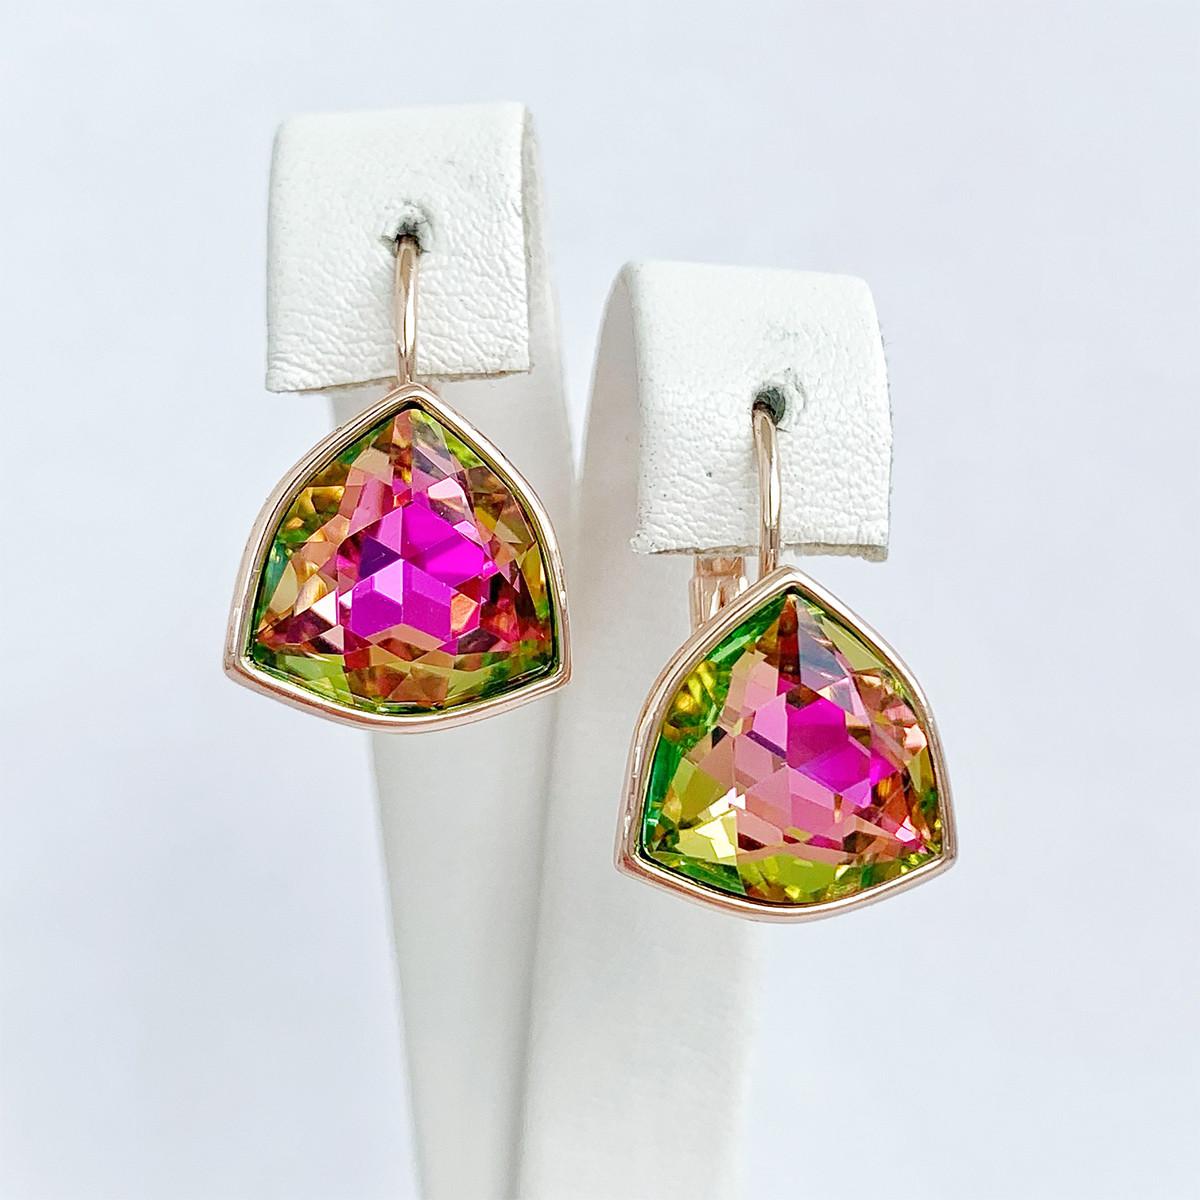 Серьги SONATA из медицинского золота, кристаллы Swarovski фиолетово-зеленого цвета, позолота PO, 25720